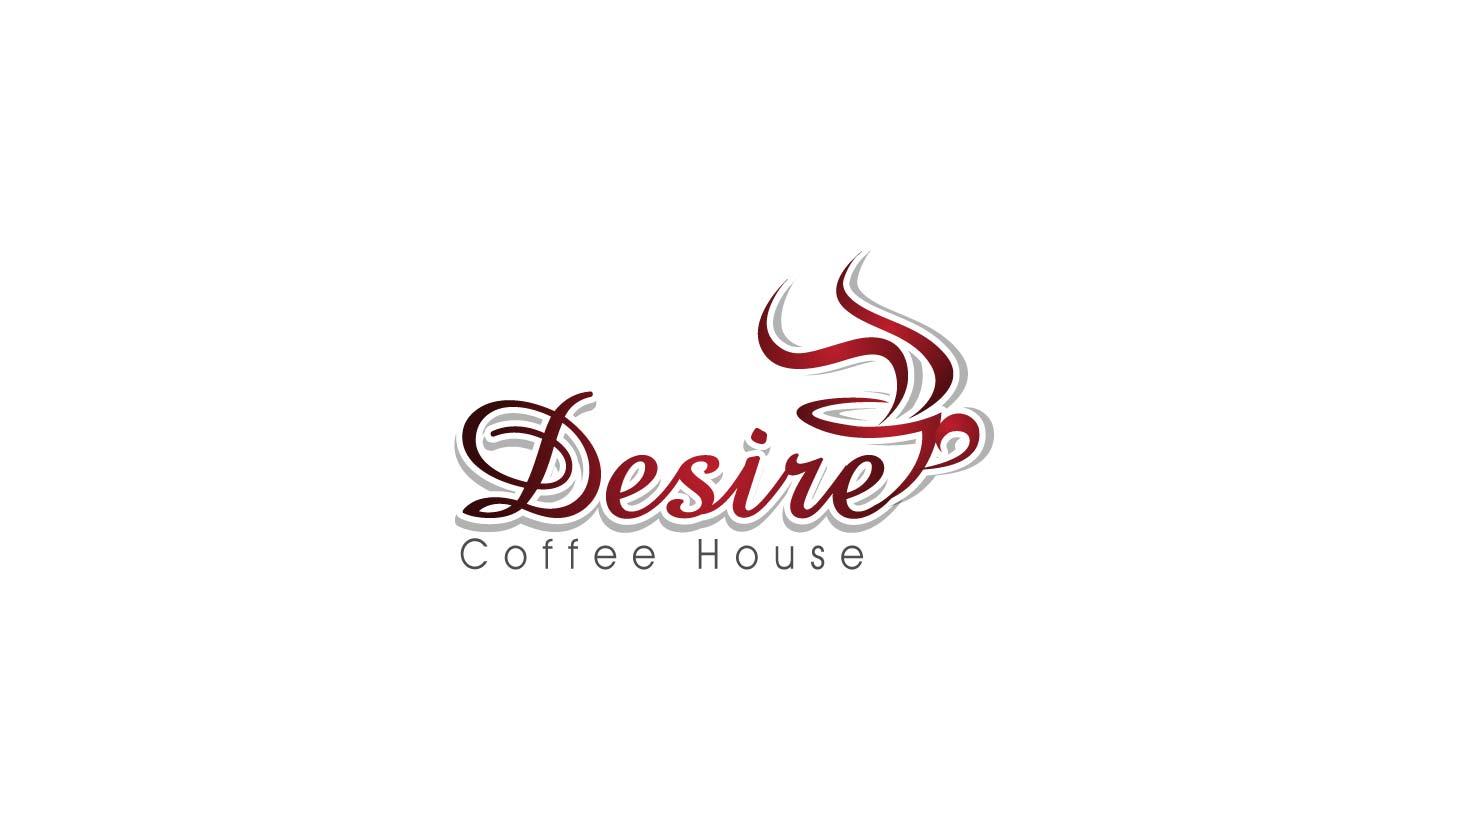 Top logo design coffee house logo design creative logo for Best house logo design